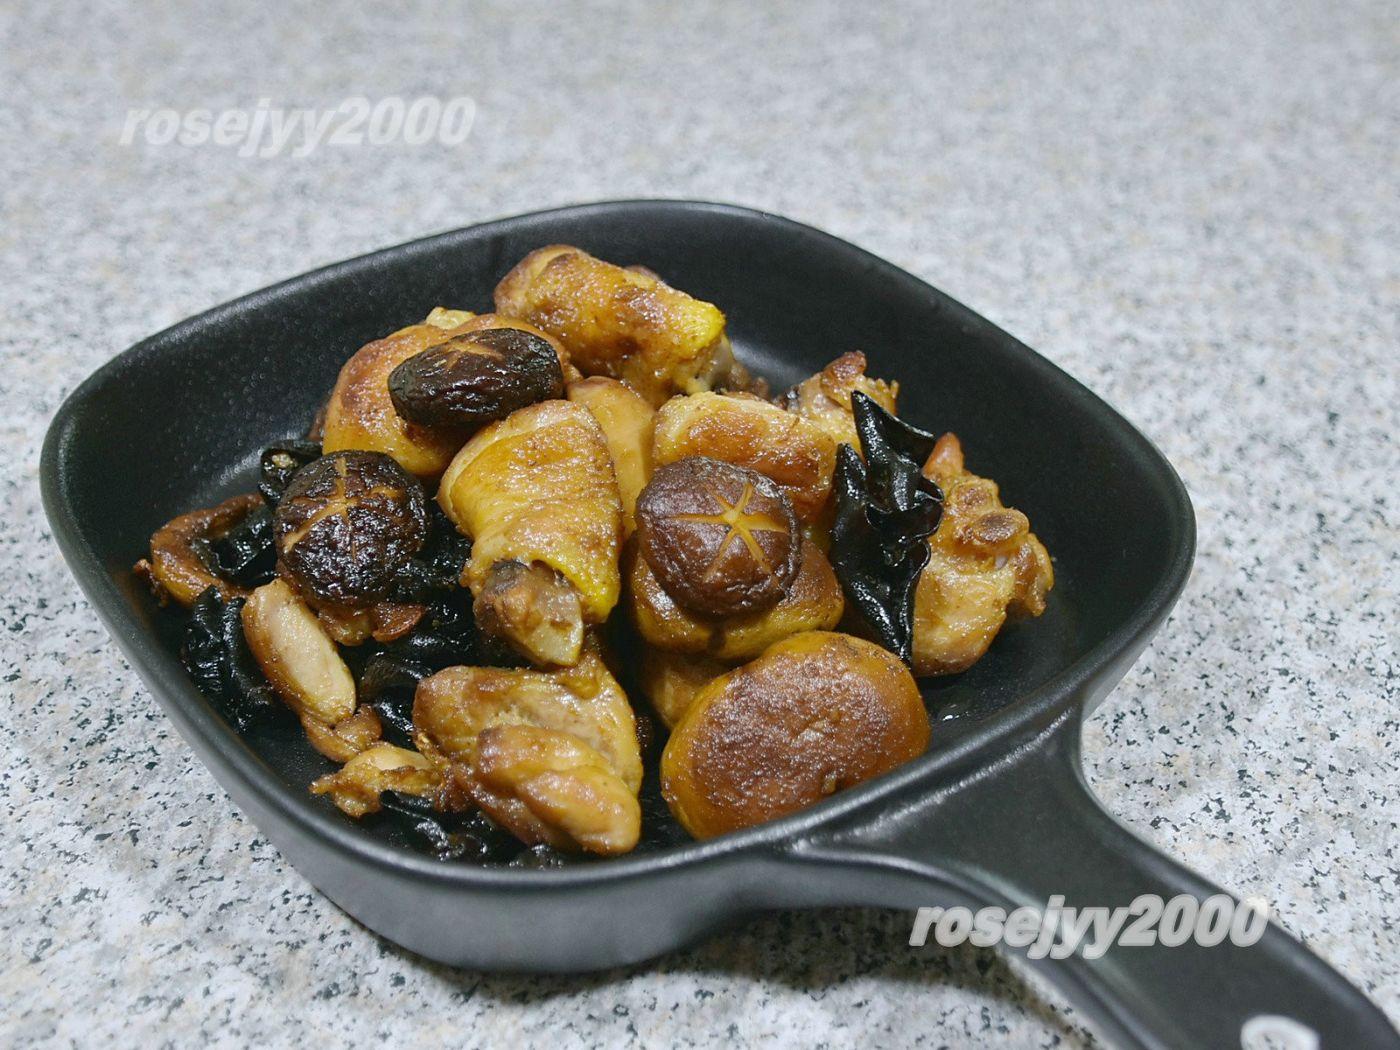 双菇干香鸡_图1-1